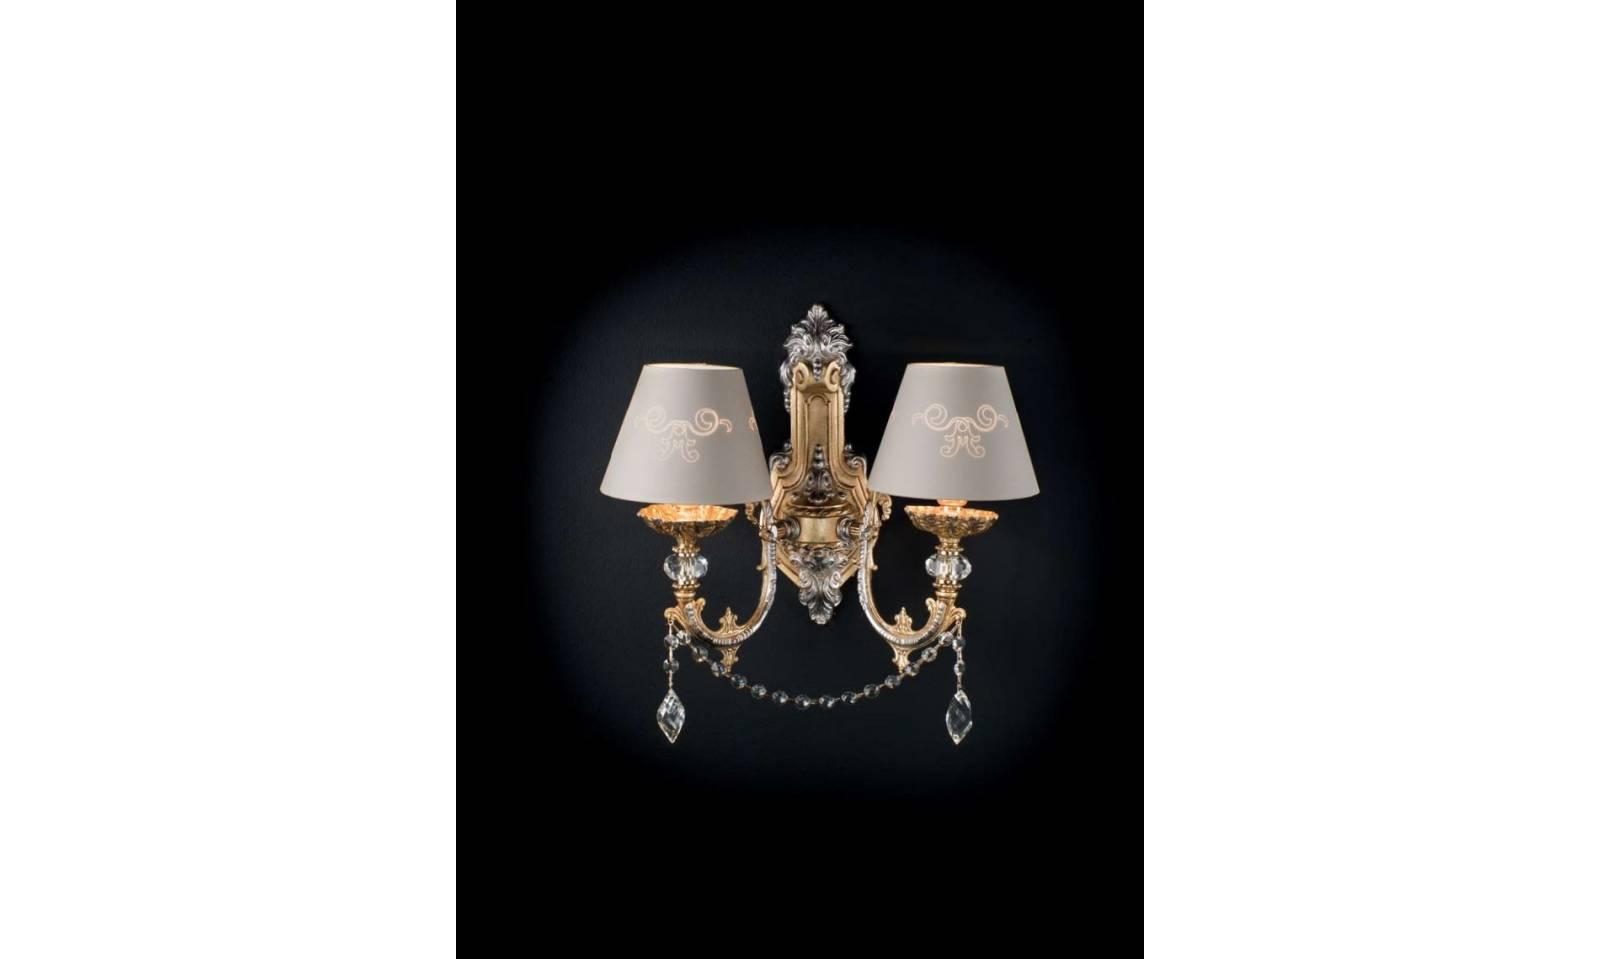 Applique serie dominique luci in ottone oro francese e argento